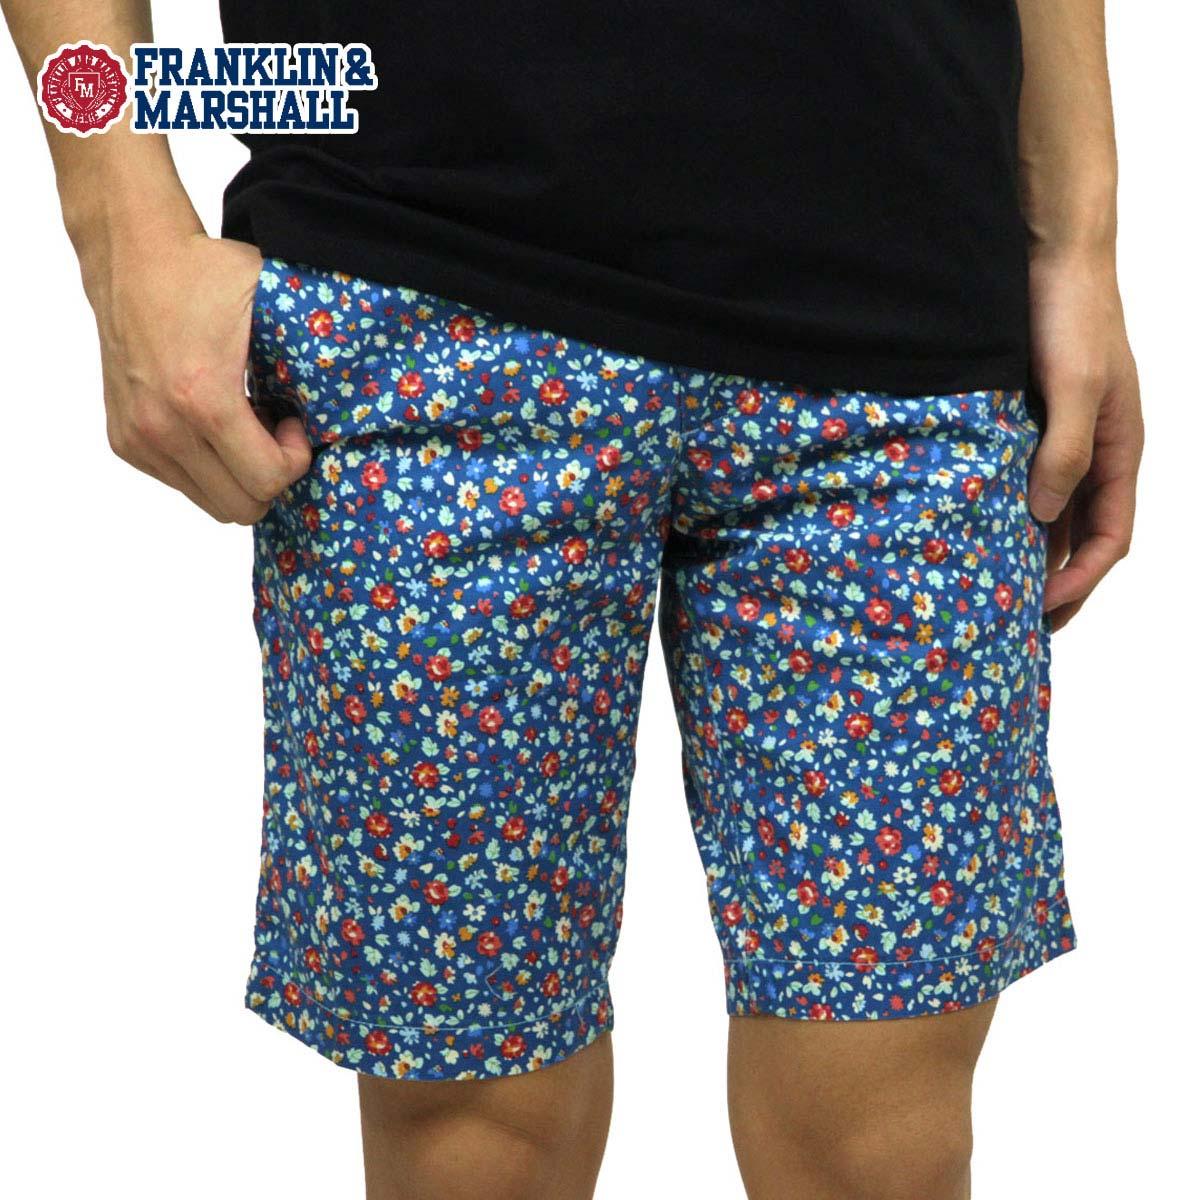 【販売期間 4/2 10:00~4/8 09:59】 フランクリン マーシャル FRANKLIN&MARSHALL 正規販売店 メンズ ショートパンツ SHORT PANTS PAMAL472 D15S25